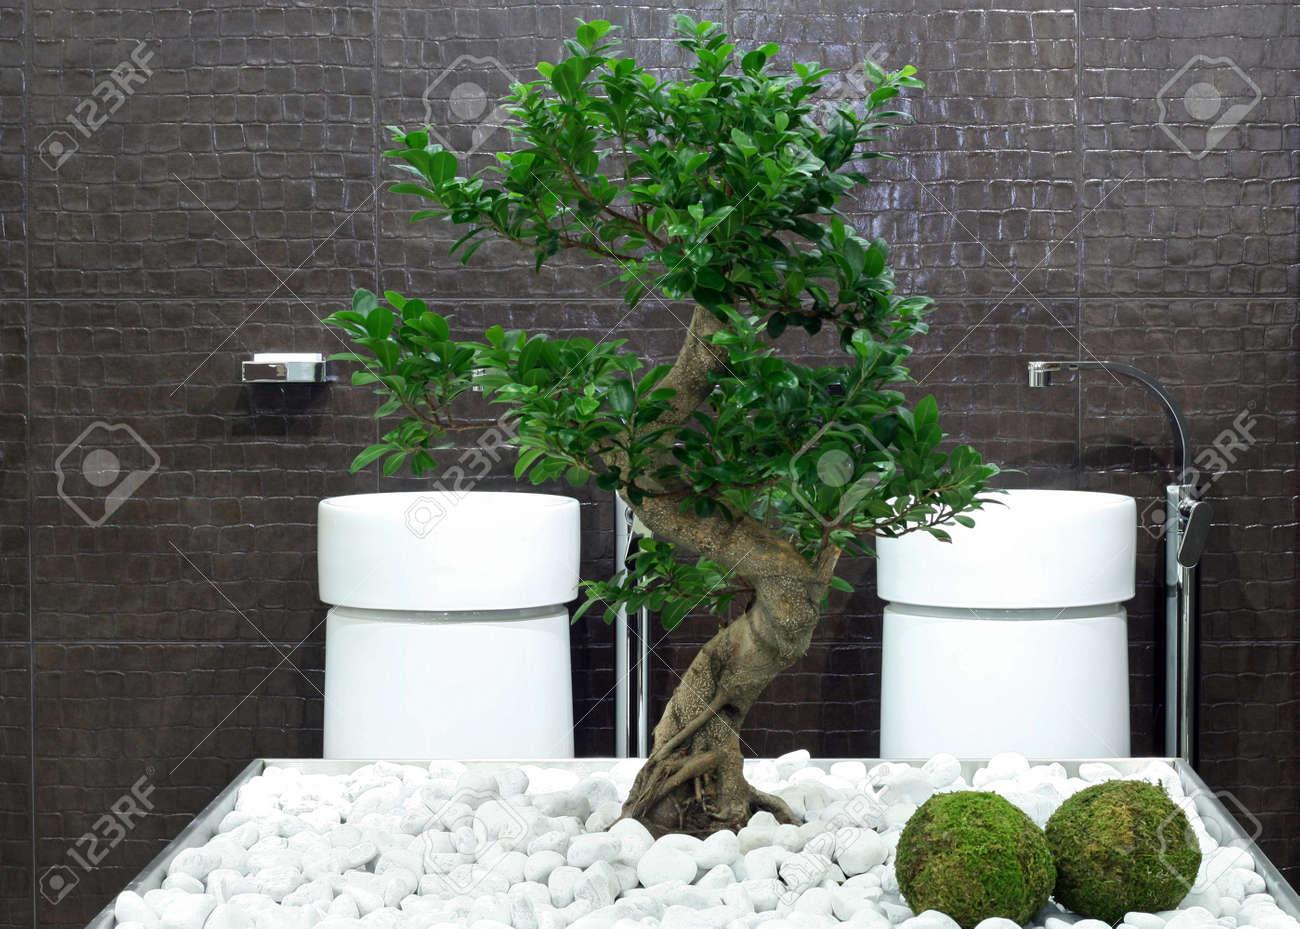 archivio fotografico stile giapponese bagno con bonsai albero e pietre